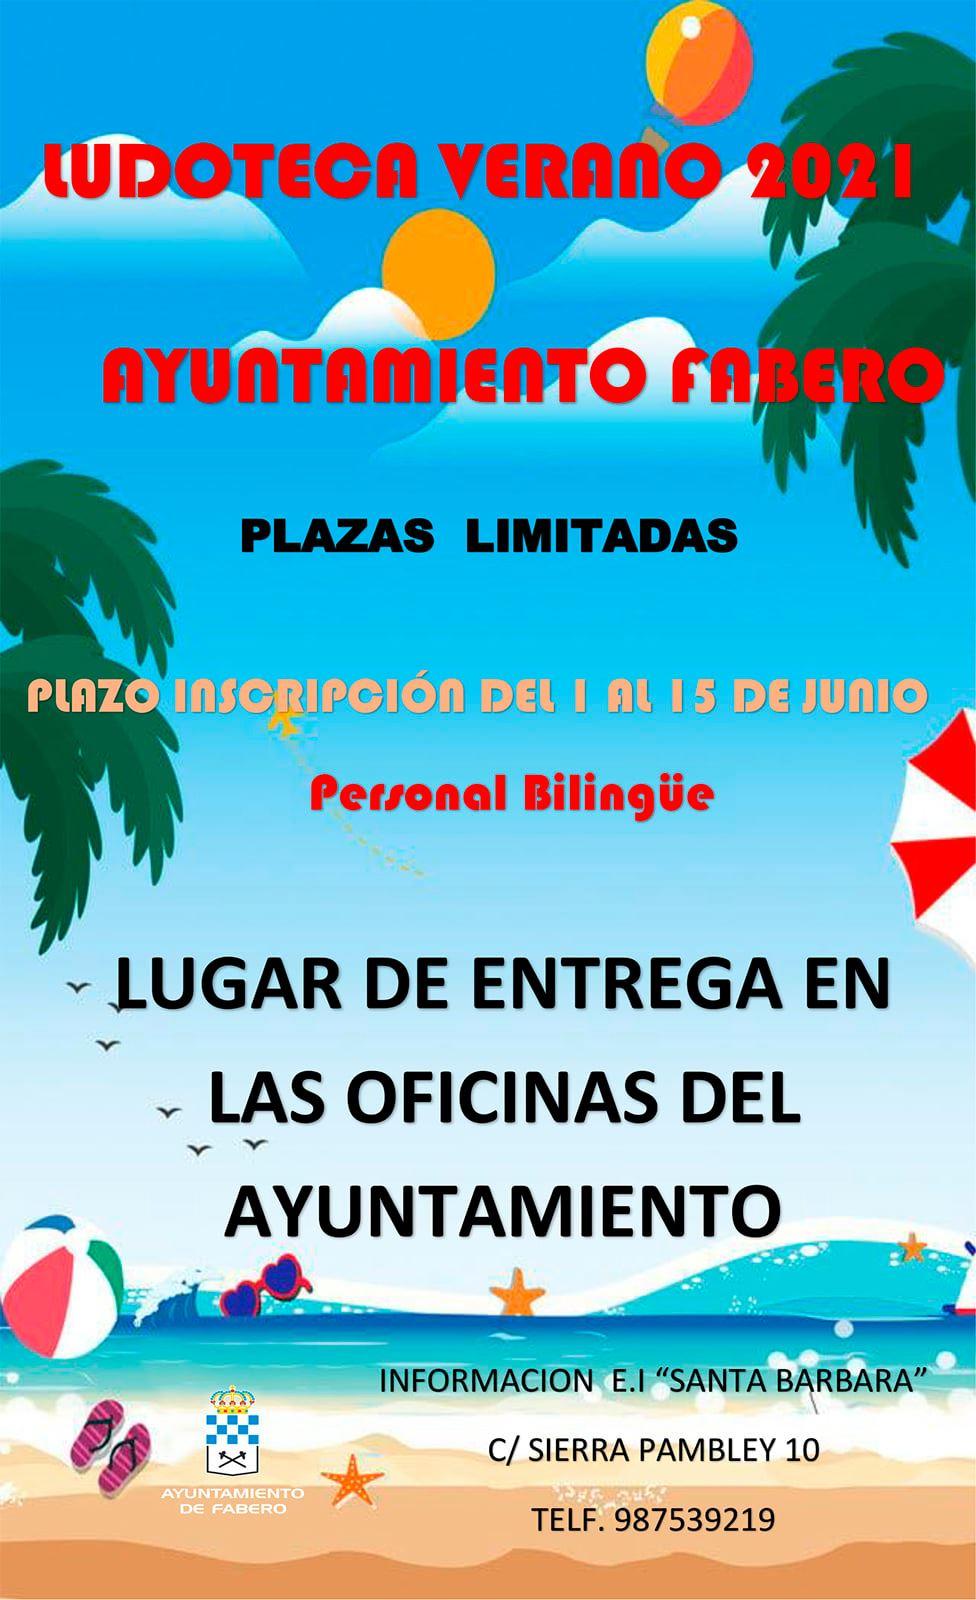 Campamentos y Campus de verano 2021 en Ponferrada y El Bierzo 4